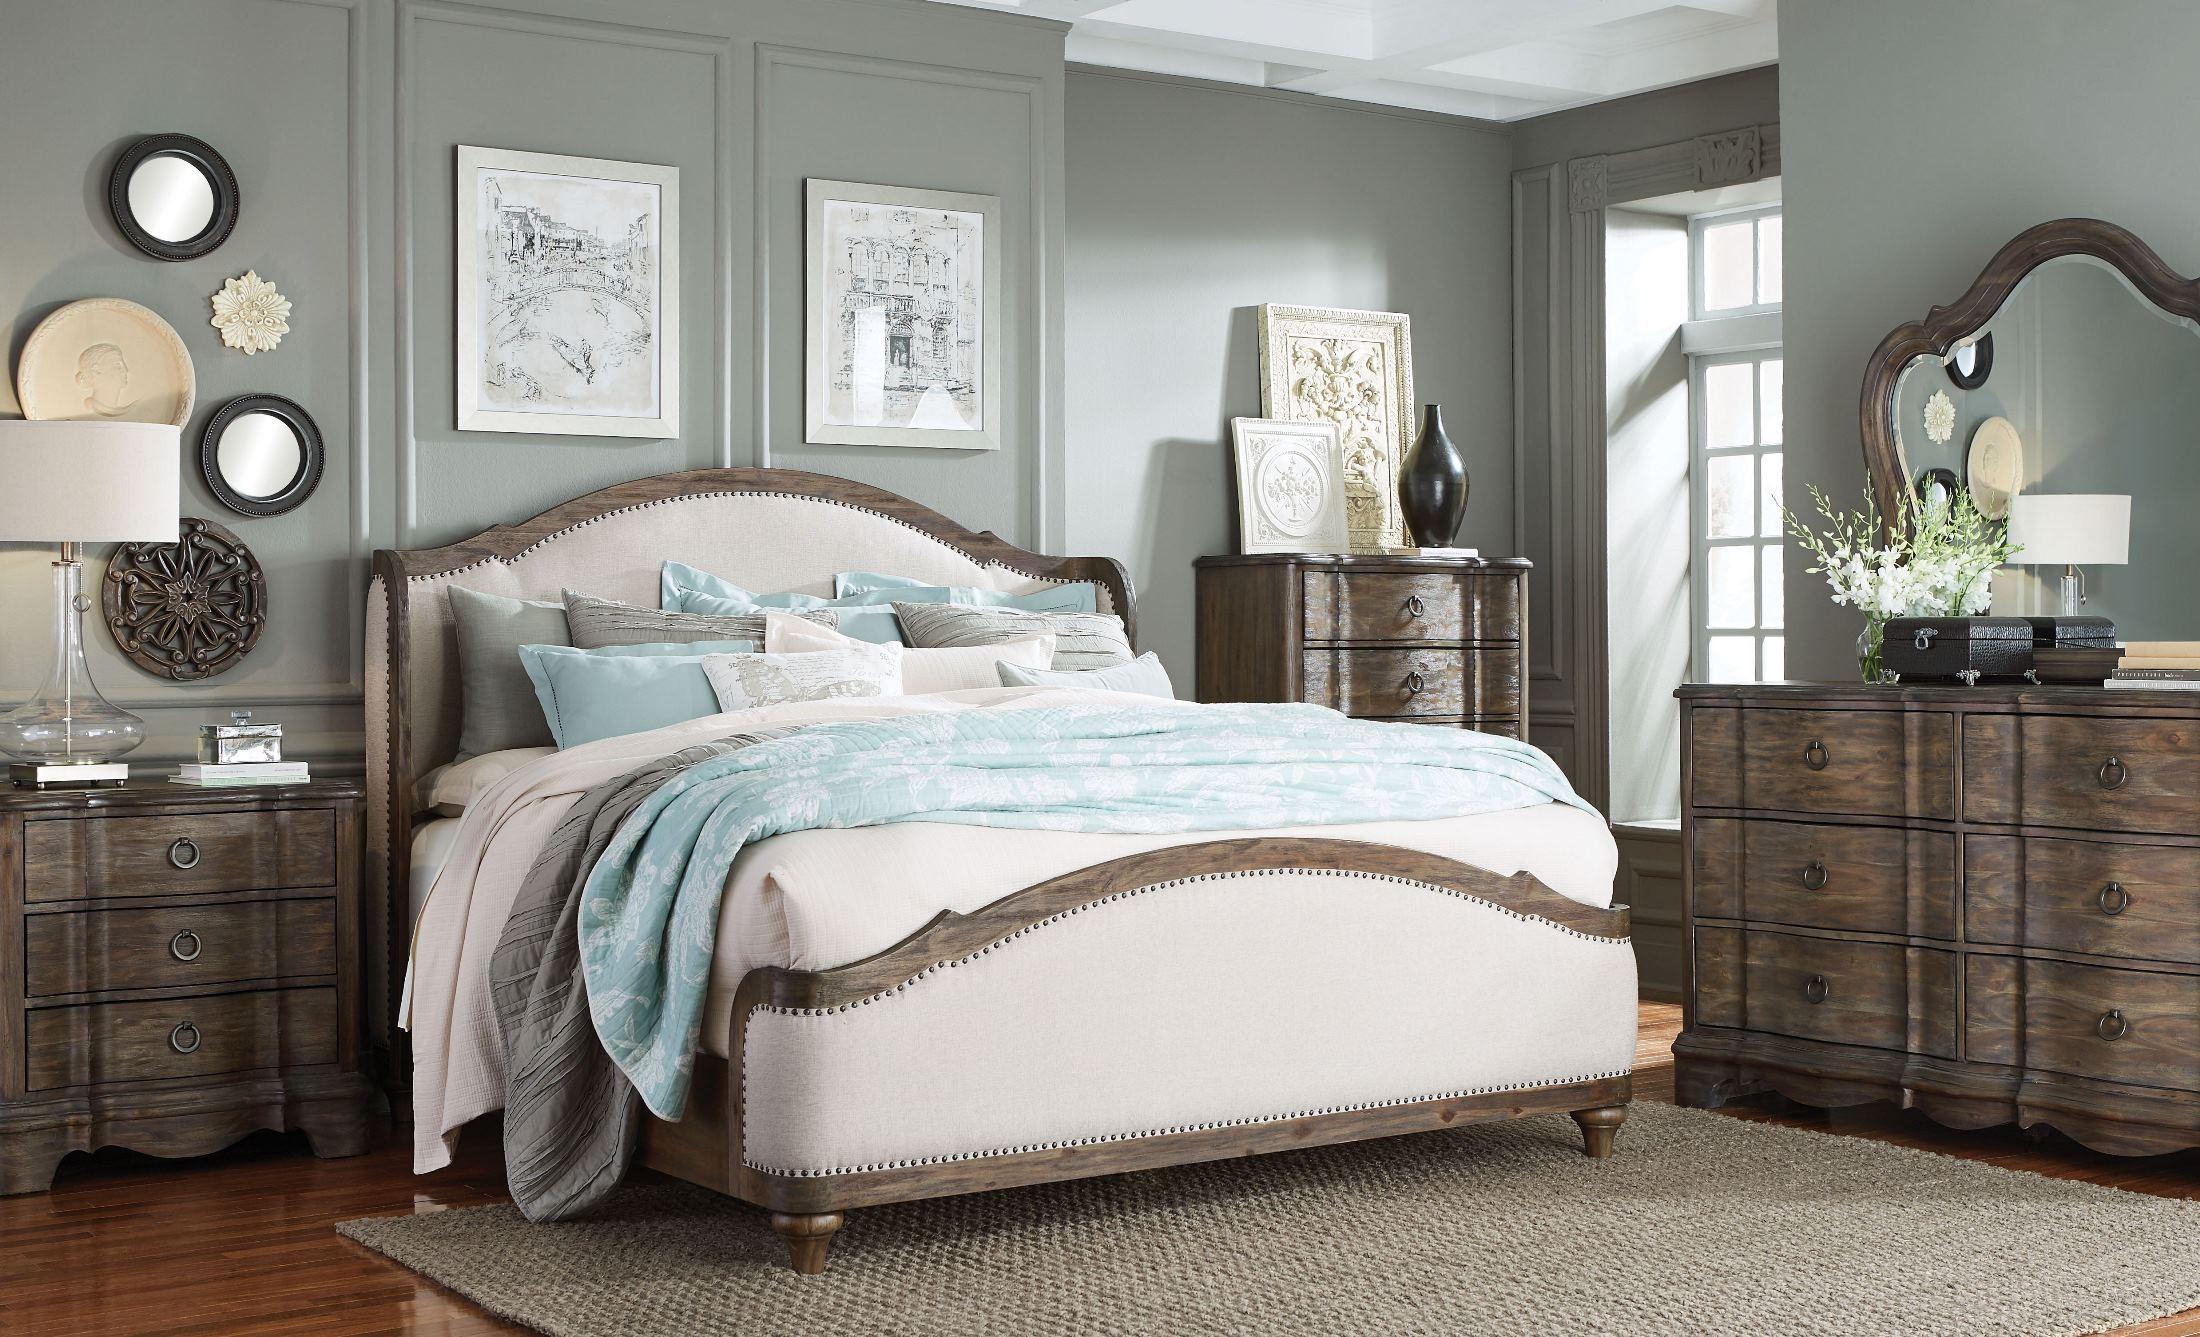 queen upholstered platform bed 92351 92352 92353 standard furniture